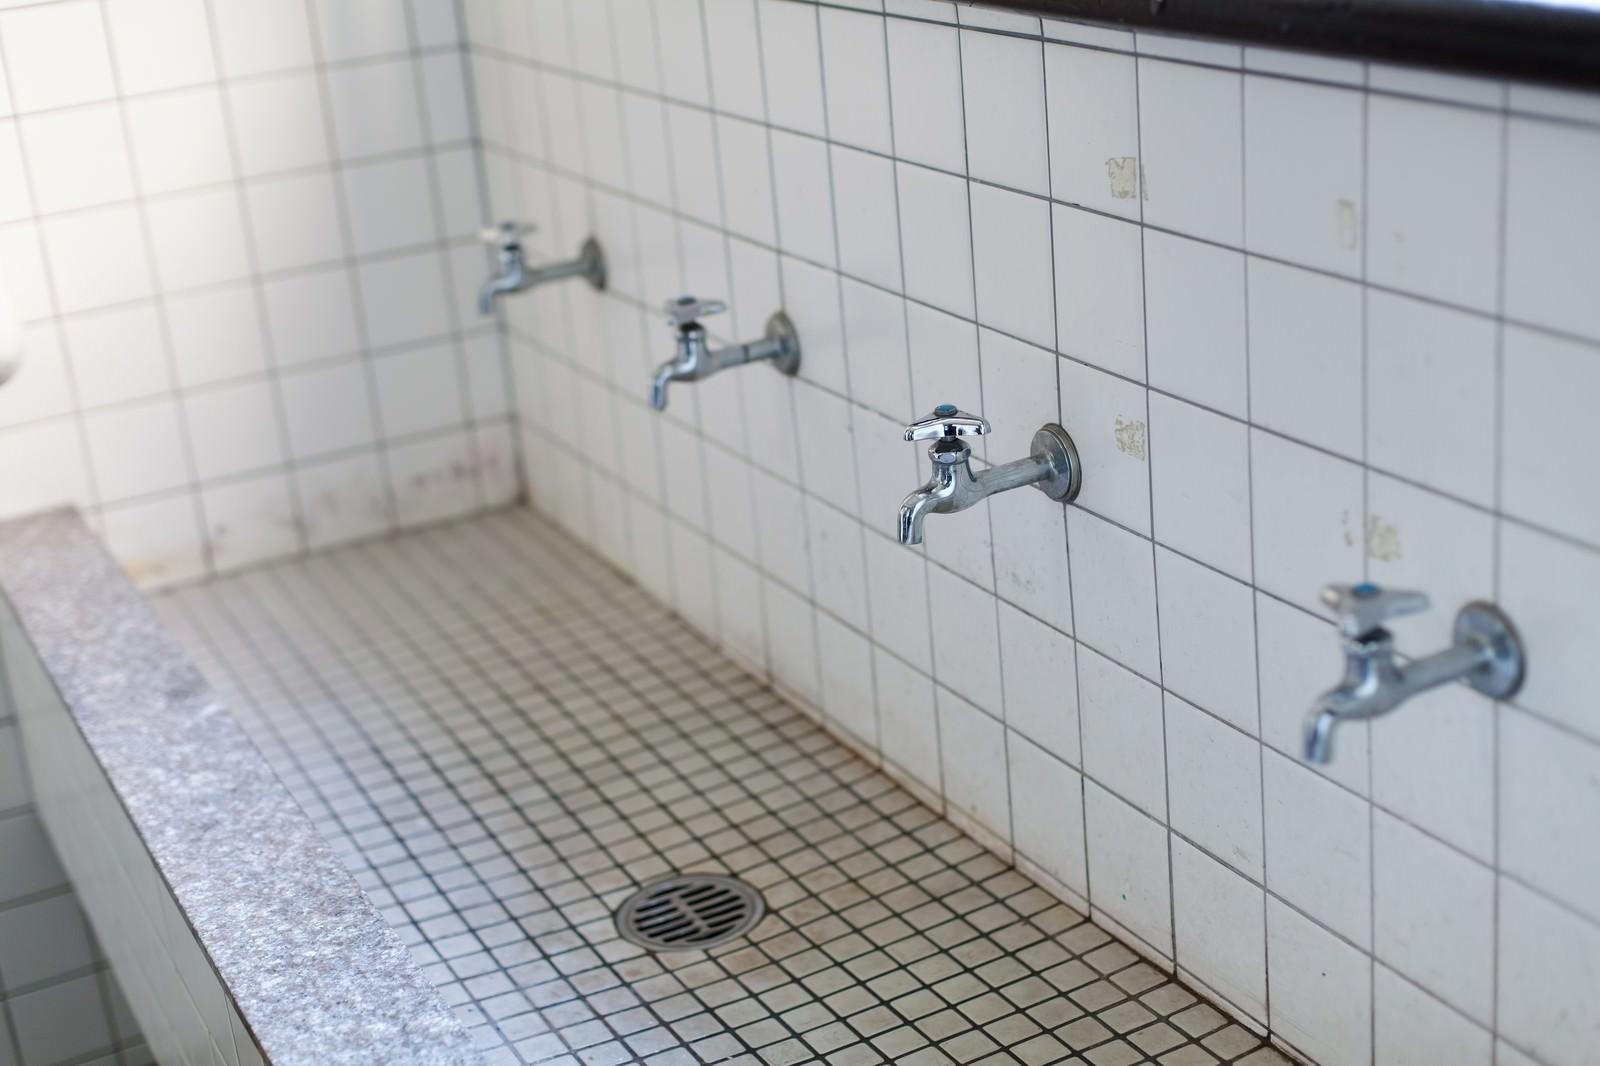 「学校の手洗い場」の写真